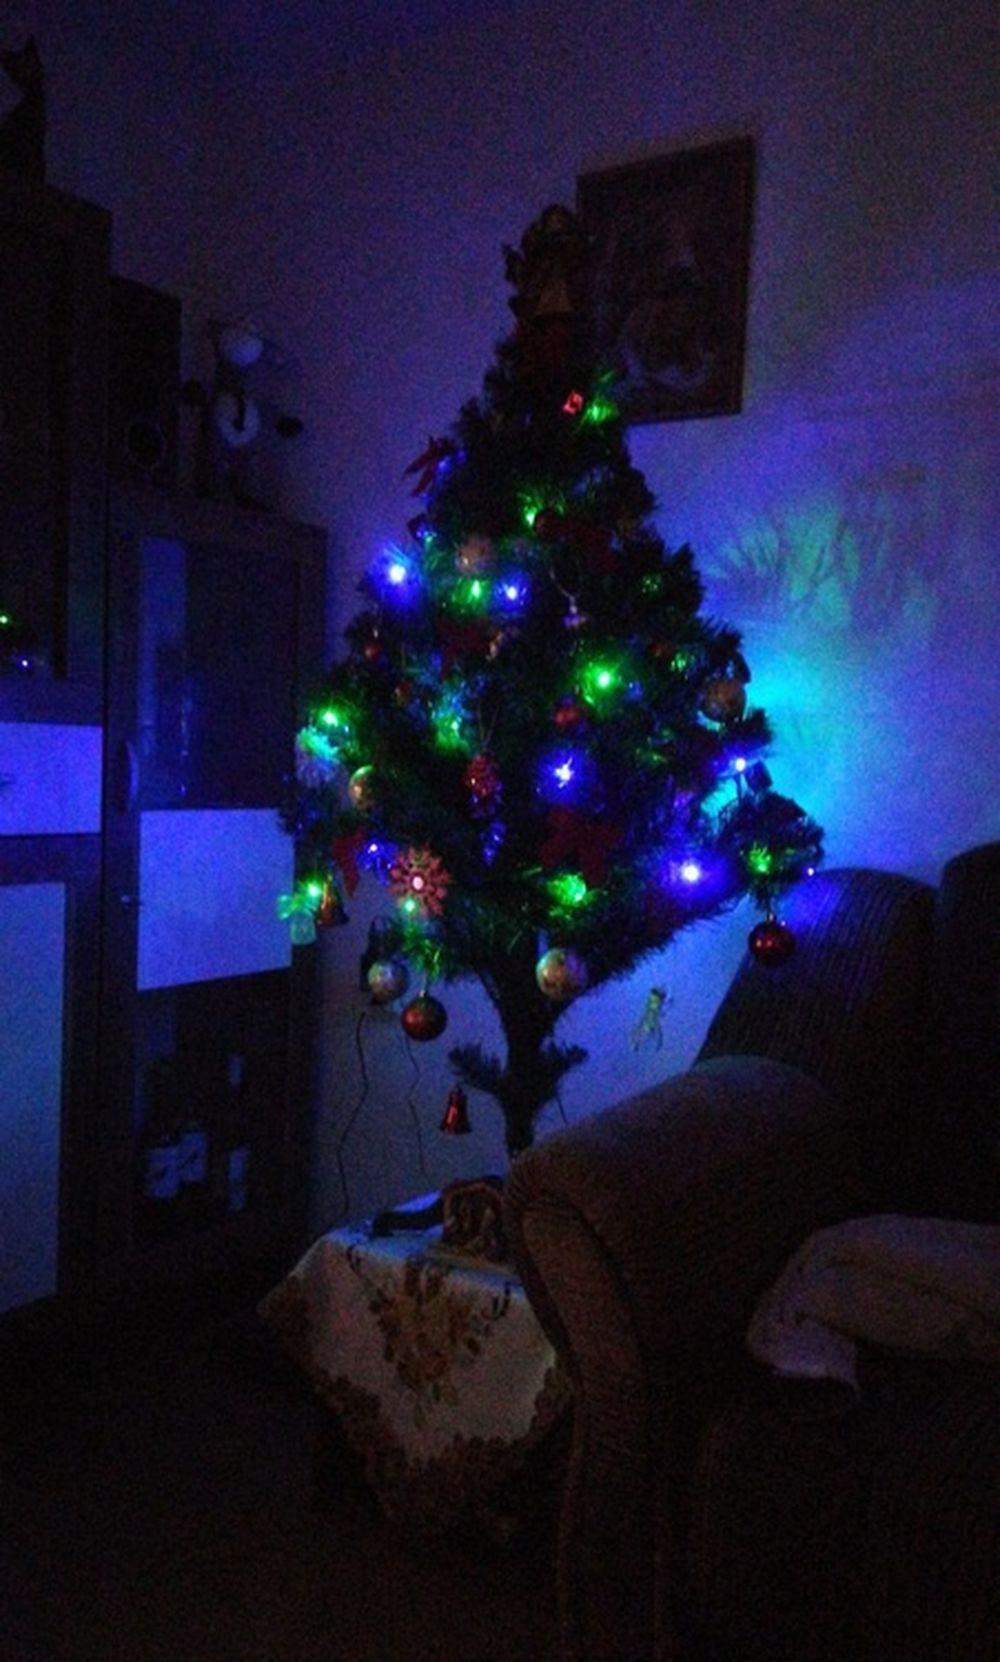 FOTO: Vianočné stromčeky v Žiline - výber fotografií našich čitateľov, foto 41